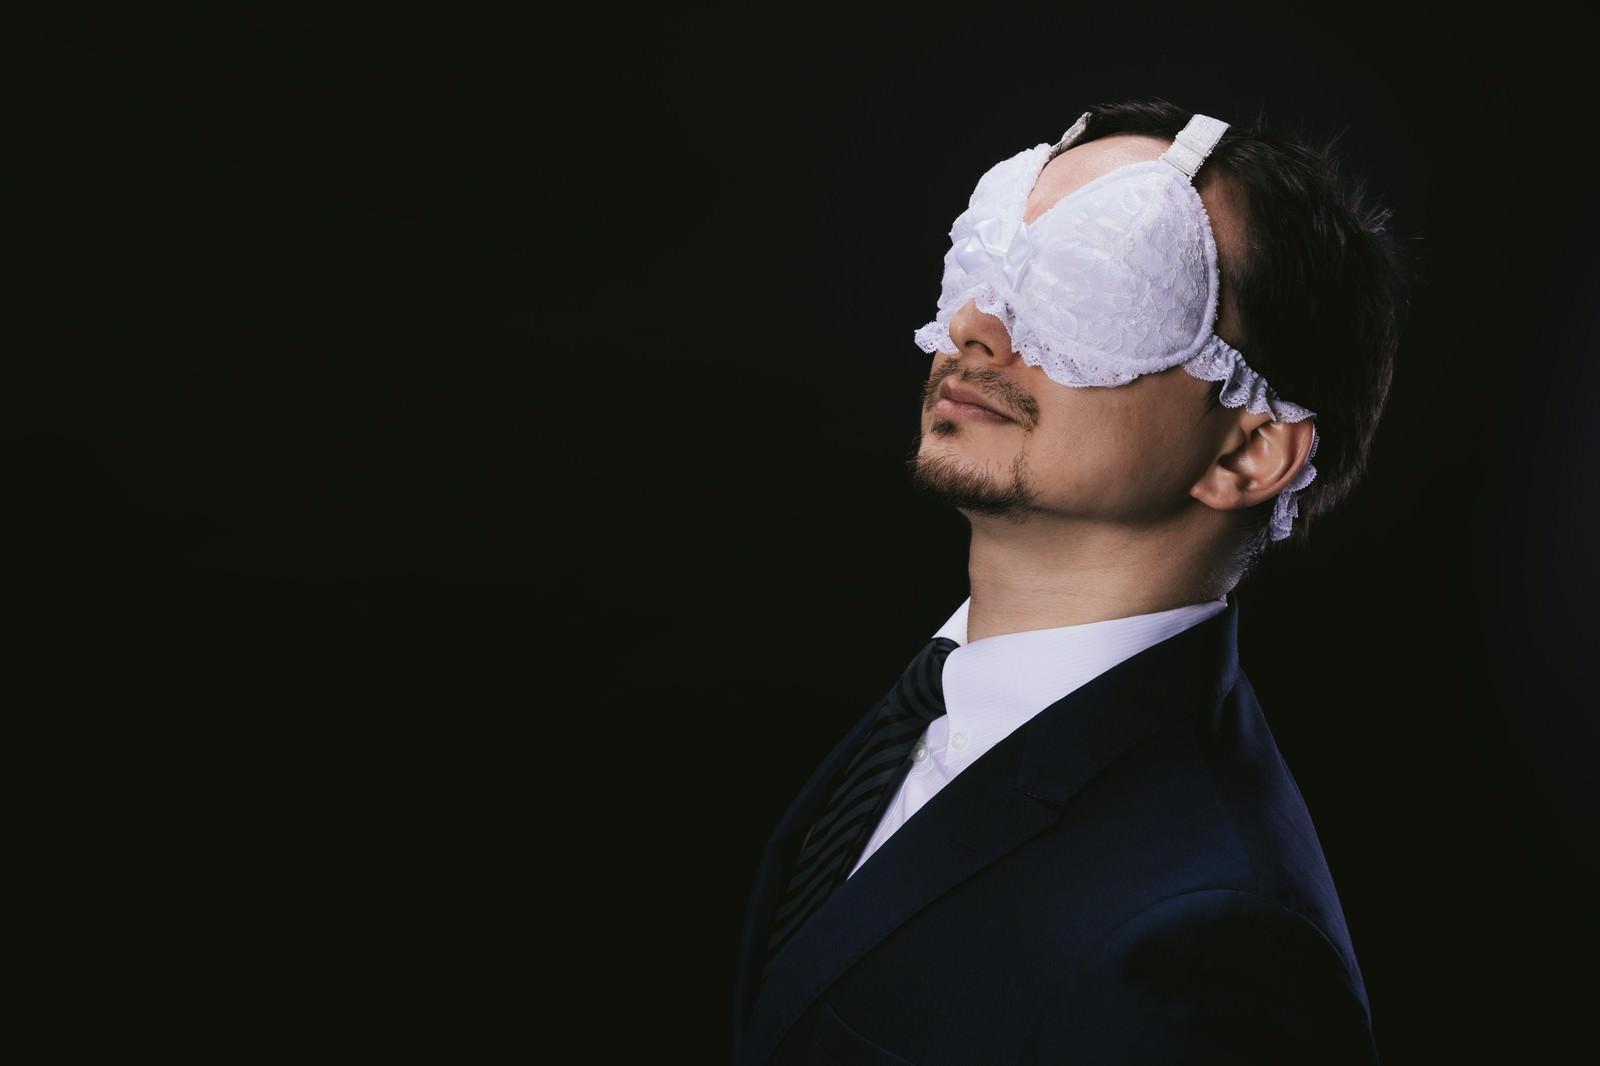 「レースのアイマスクを装着する変態紳士 | 写真の無料素材・フリー素材 - ぱくたそ」の写真[モデル:Max_Ezaki]